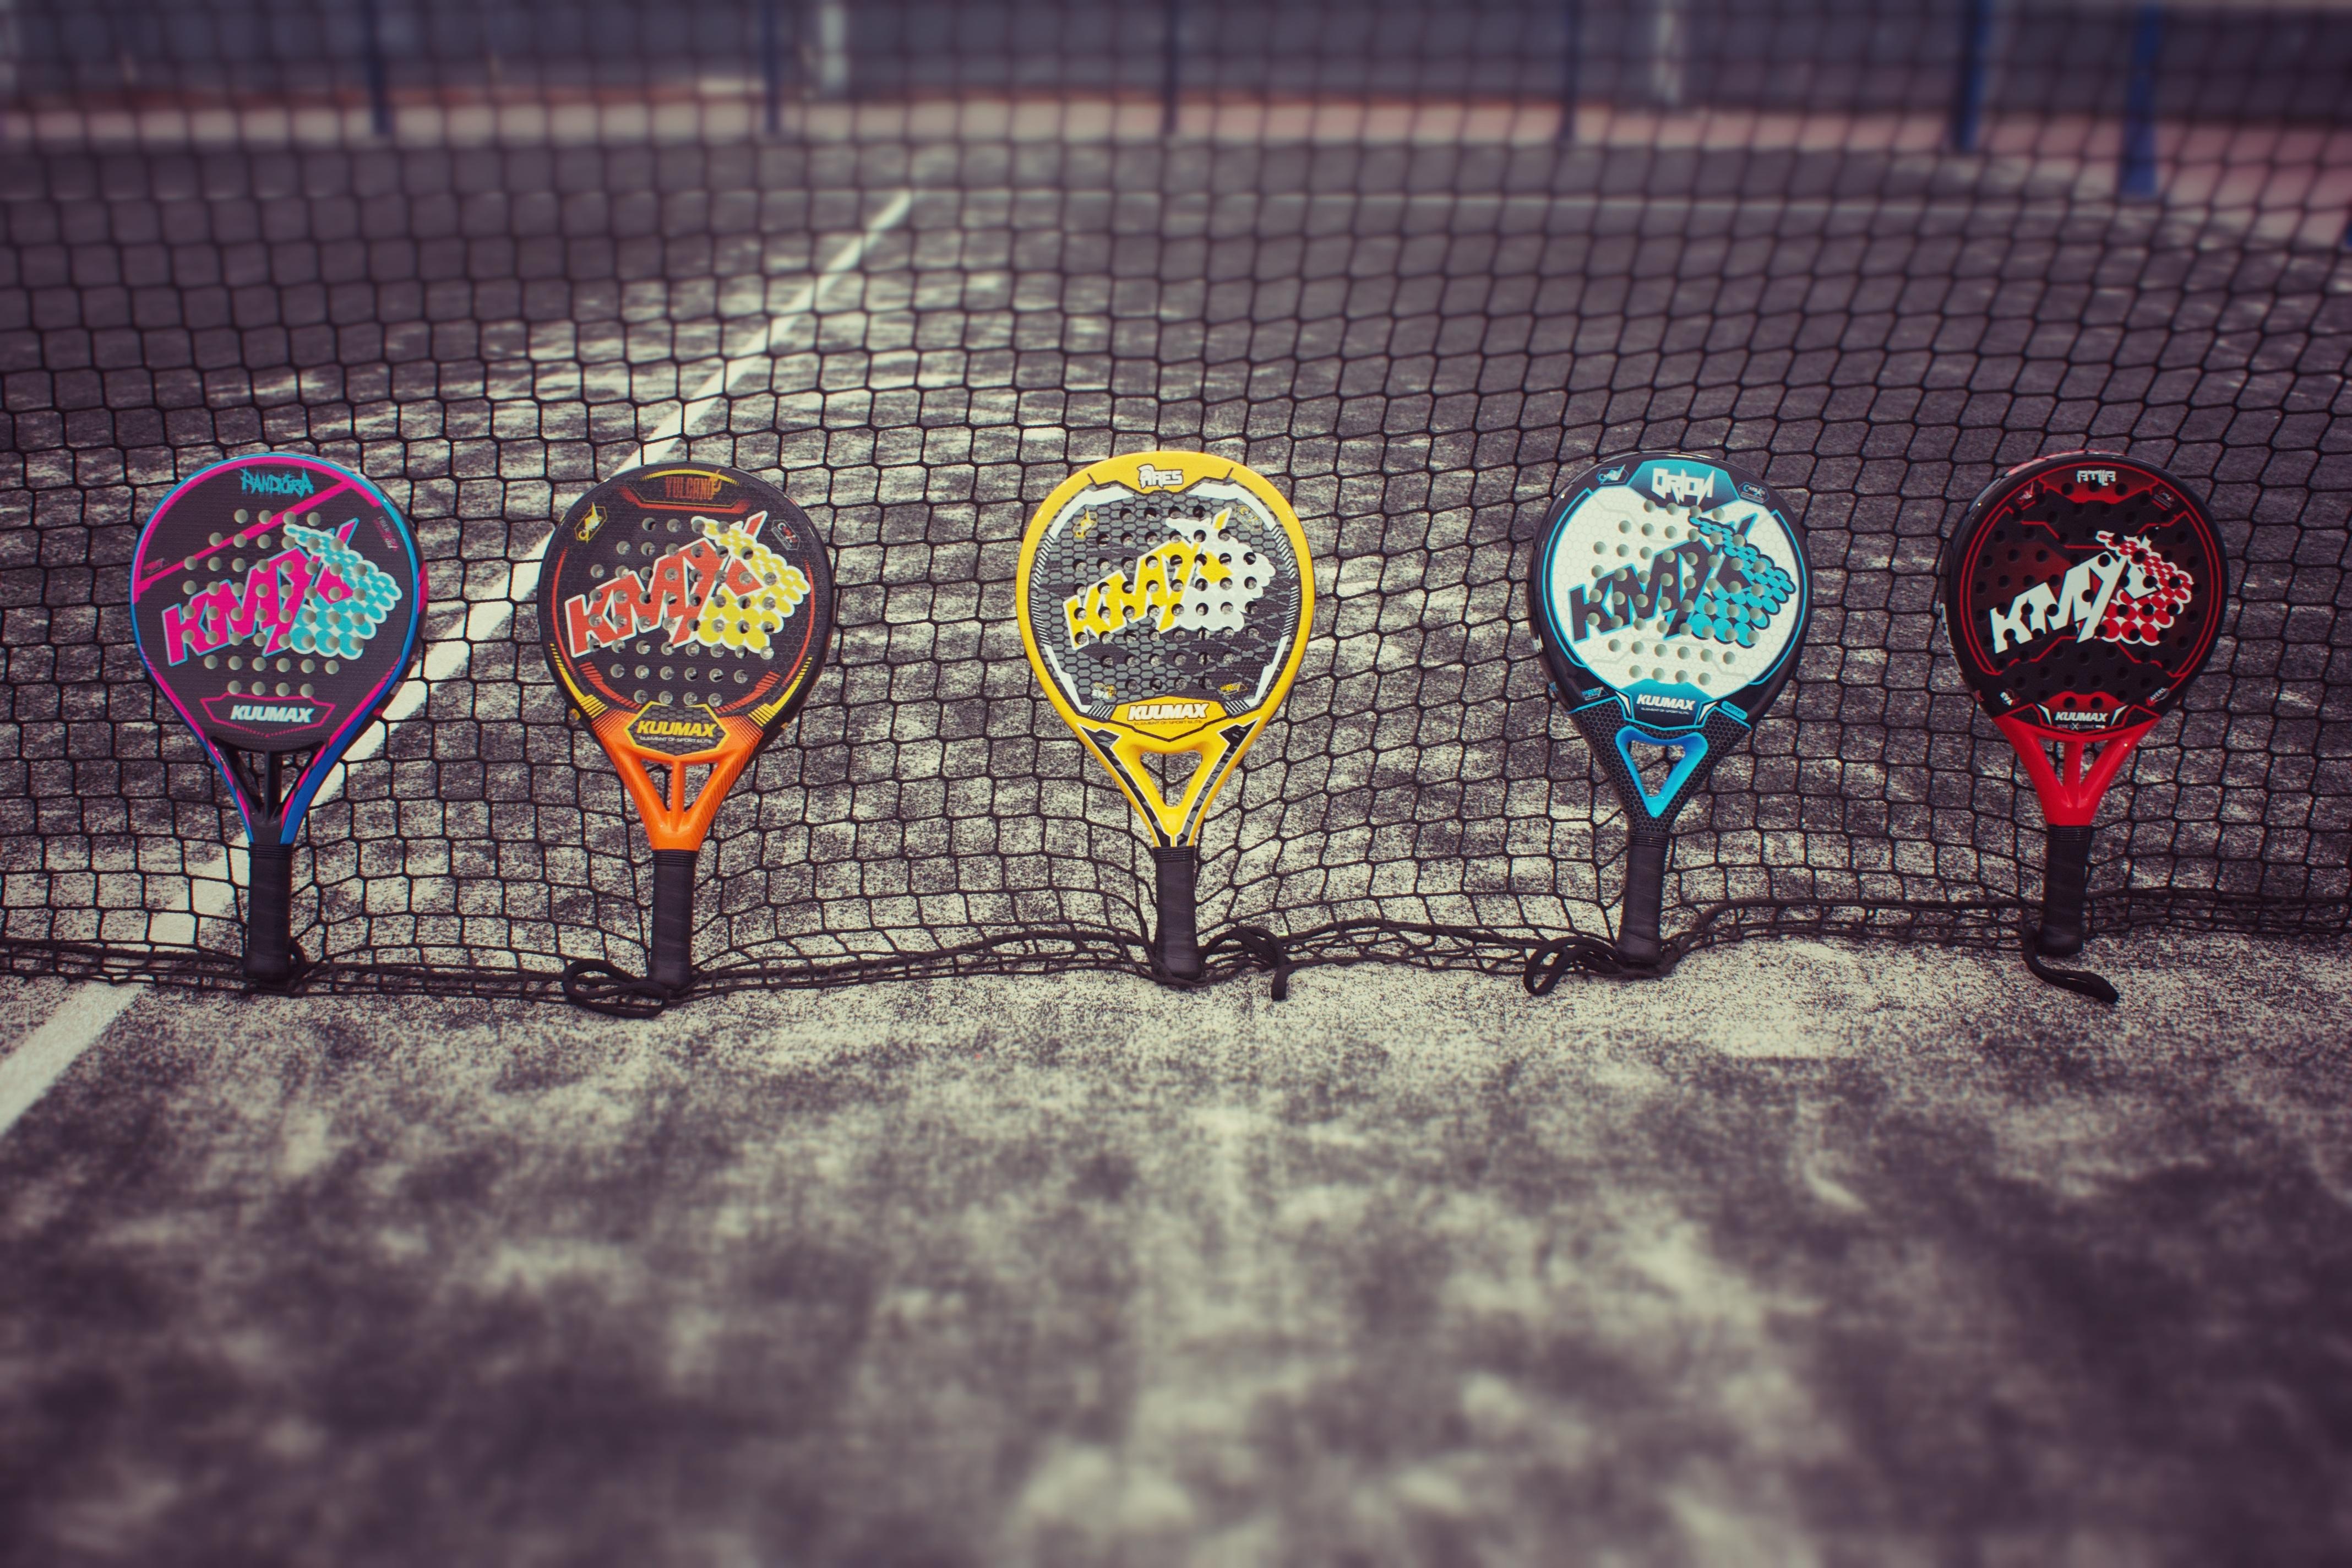 Le terrain et l'équipement du paddle tennis